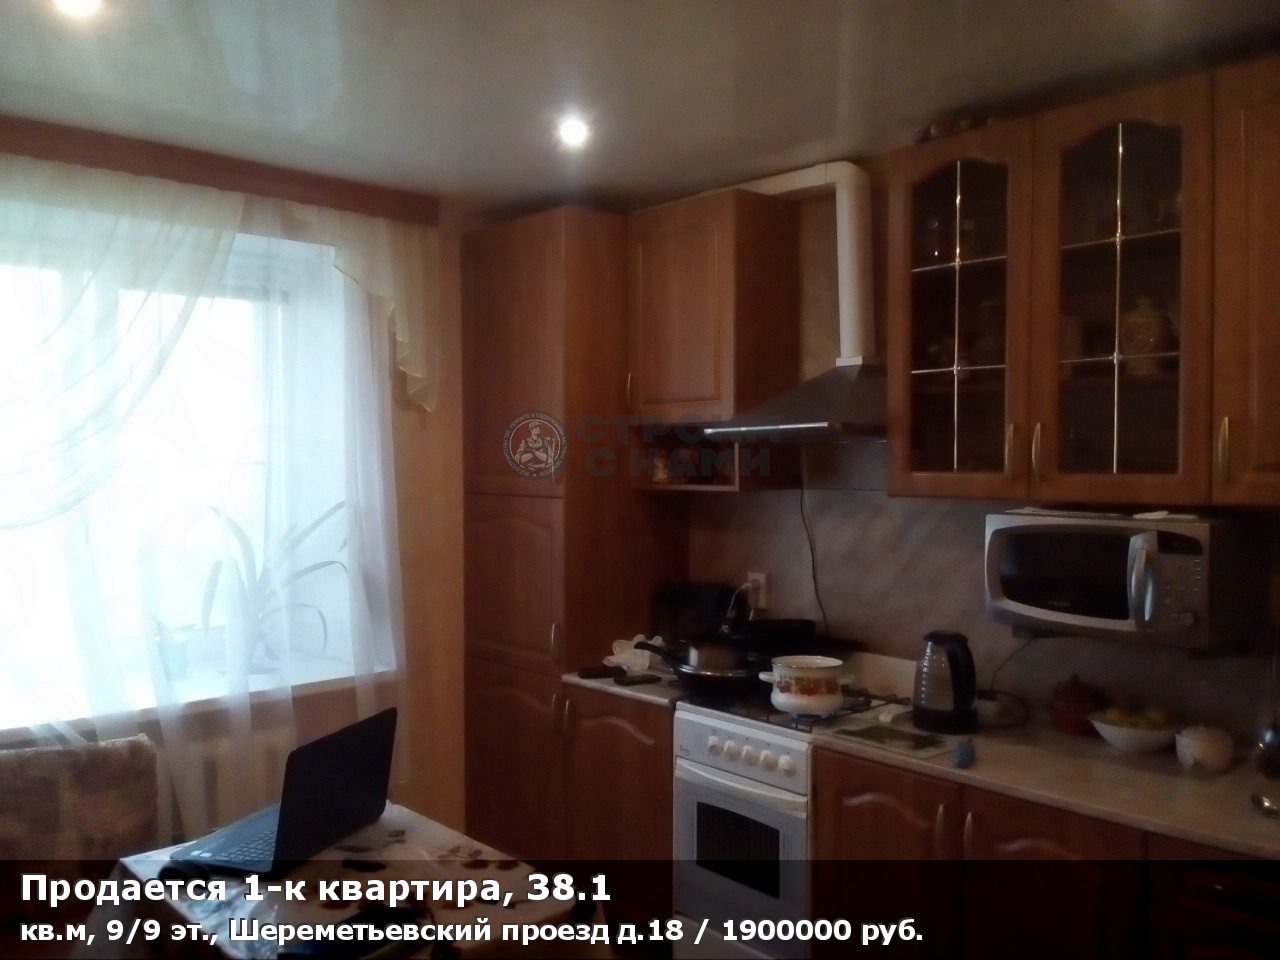 Продается 1-к квартира, 38.1 кв.м, 9/9 эт., Шереметьевский проезд д.18